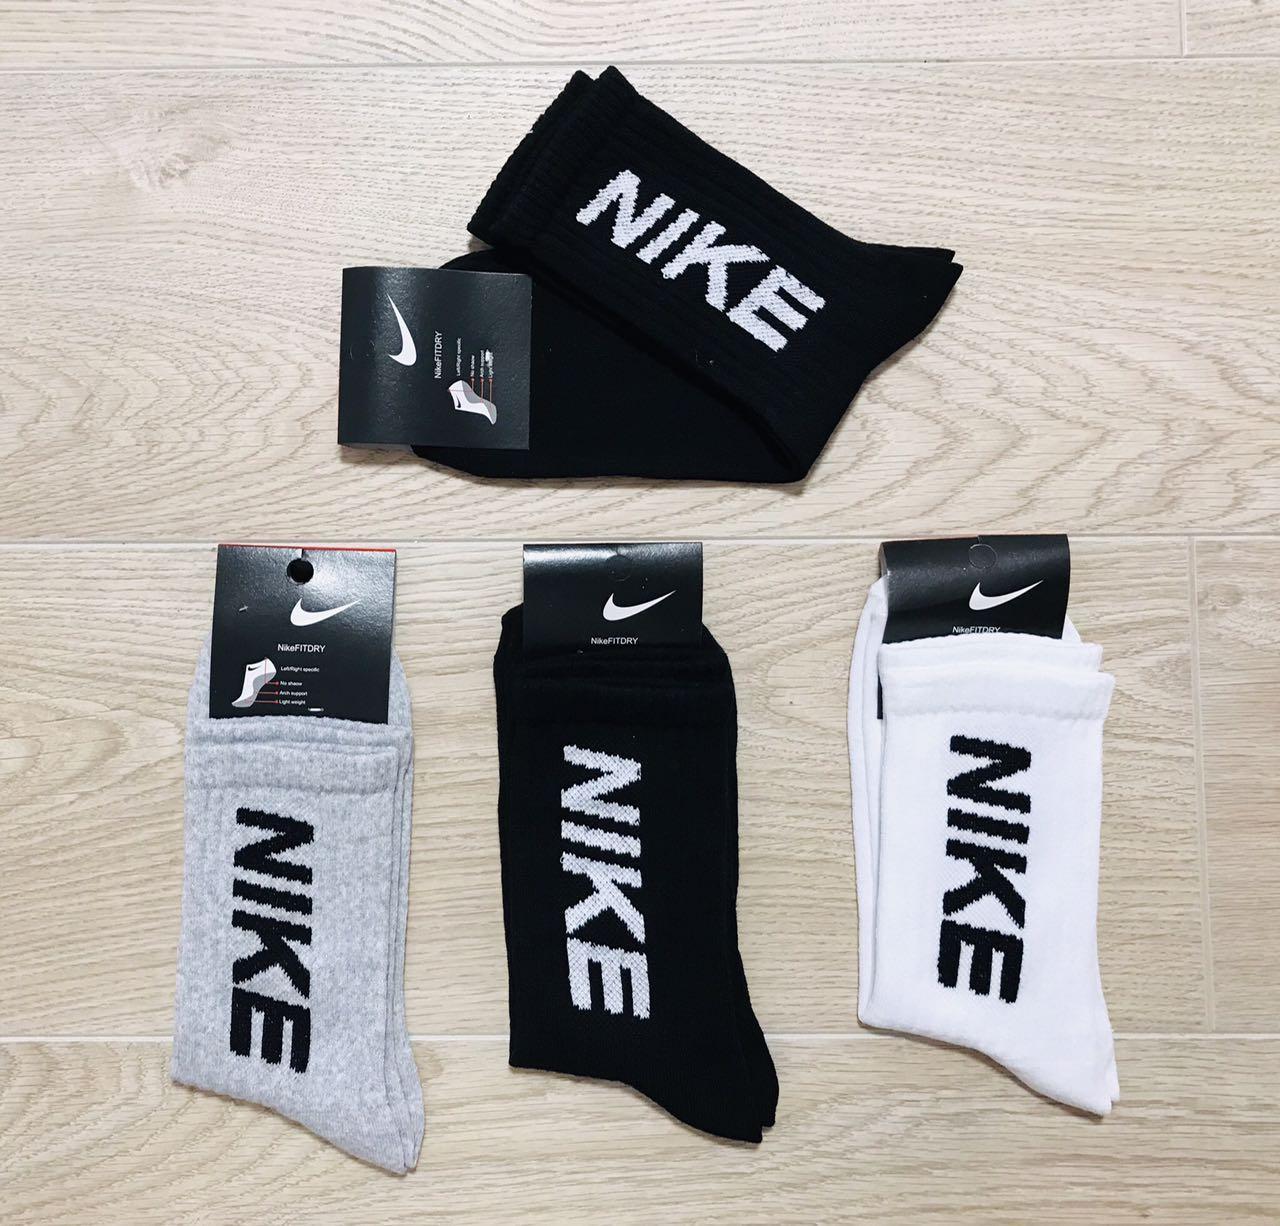 Носки мужские демисезонные спортивные высокие из хлопка Nike Турция размер 41-44